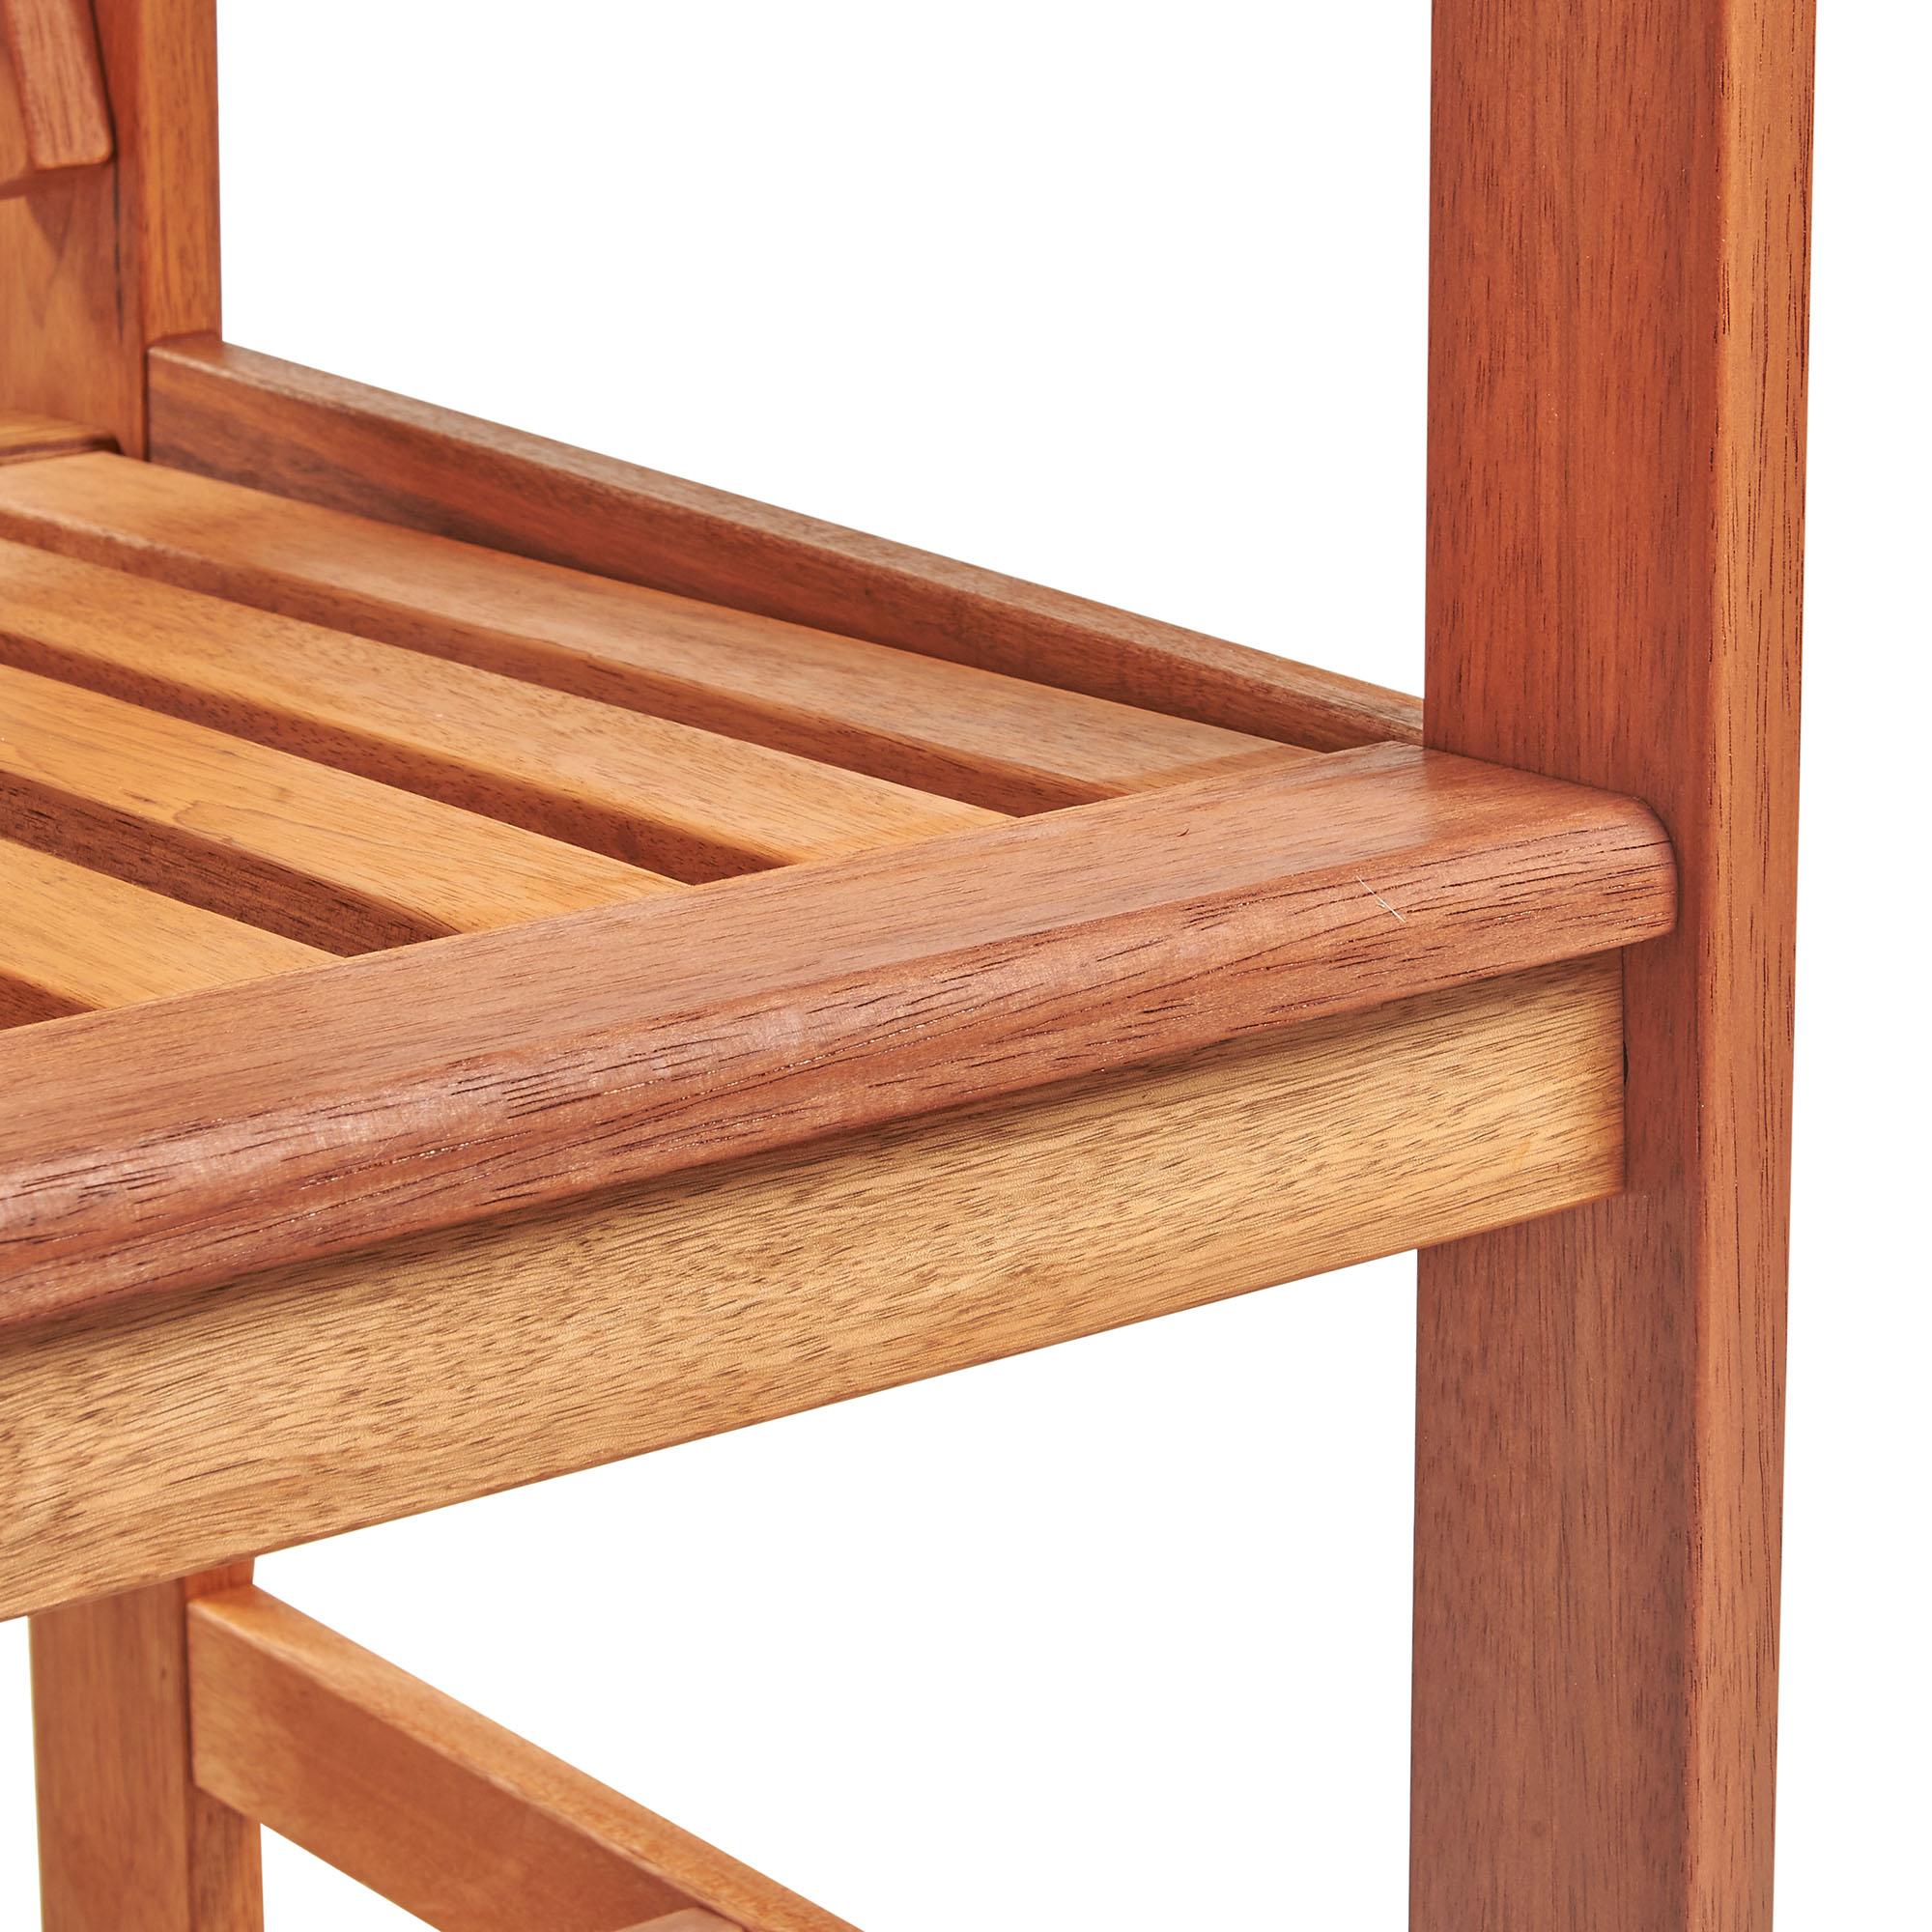 VonHaus Garden Bench   Medium 2 Seater Wooden Outdoor ...